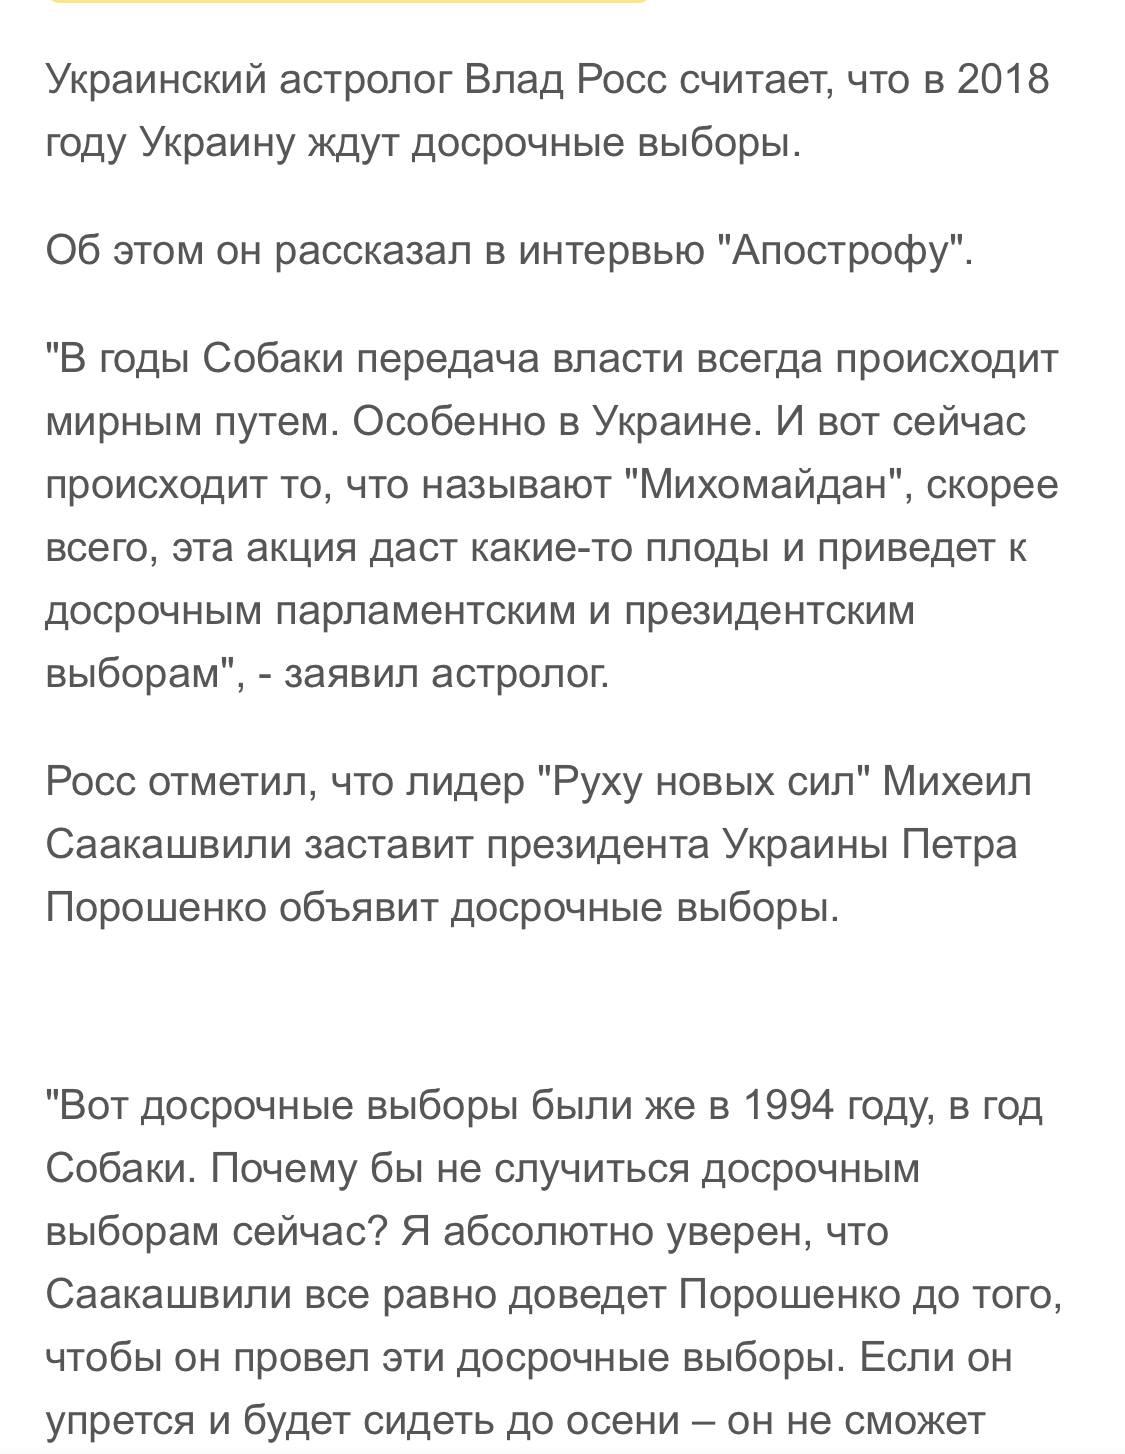 0,37% избирателей из Крыма изменили место голосования, чтобы принять участие в выборах - Цензор.НЕТ 4953